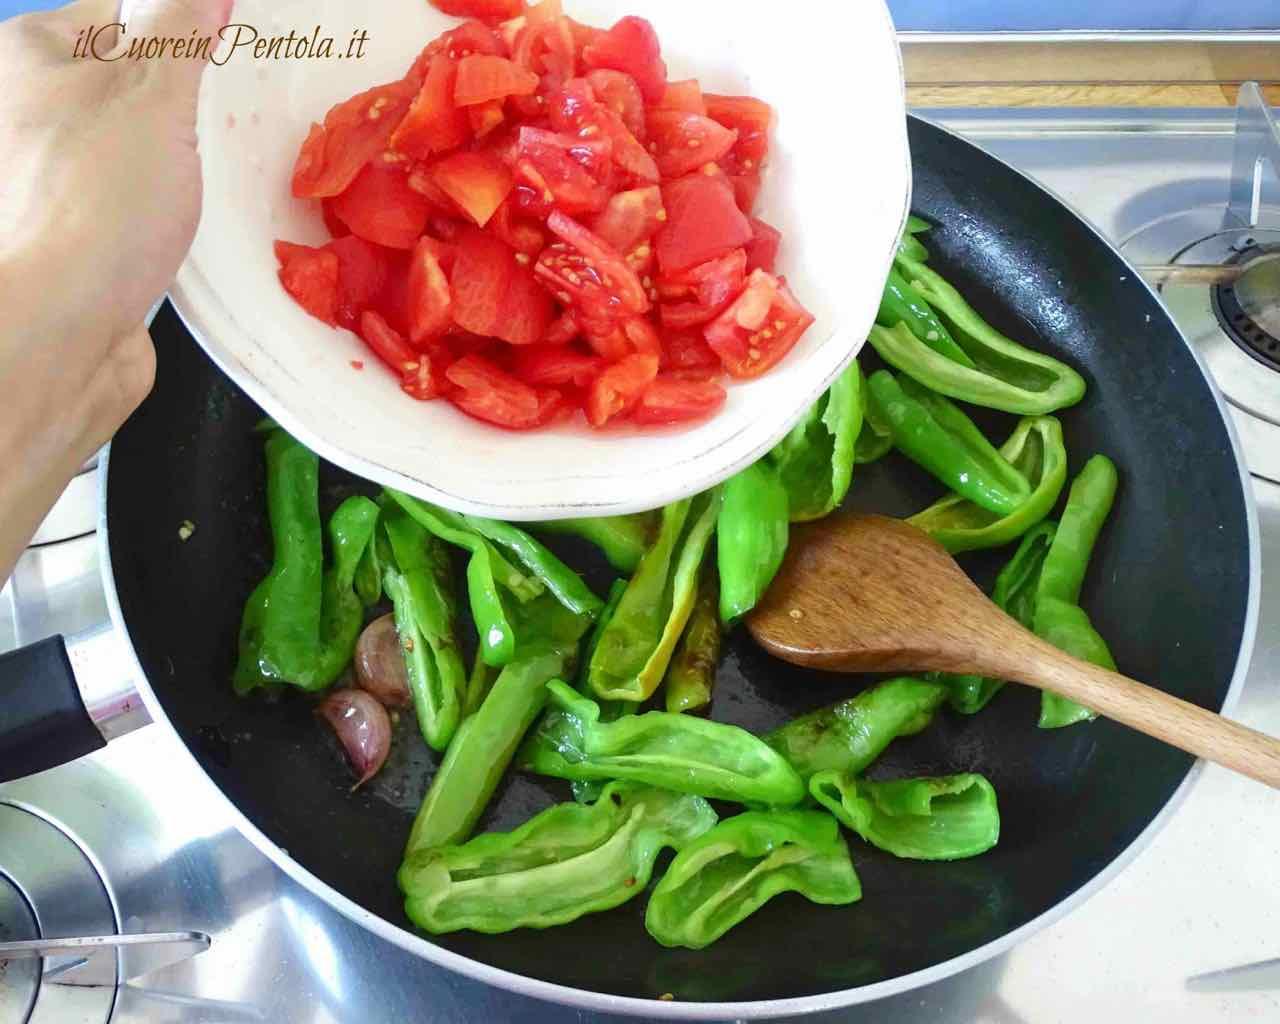 Come Cucinare I Friggitelli Scuola Di Cucina Il Cuore In Pentola